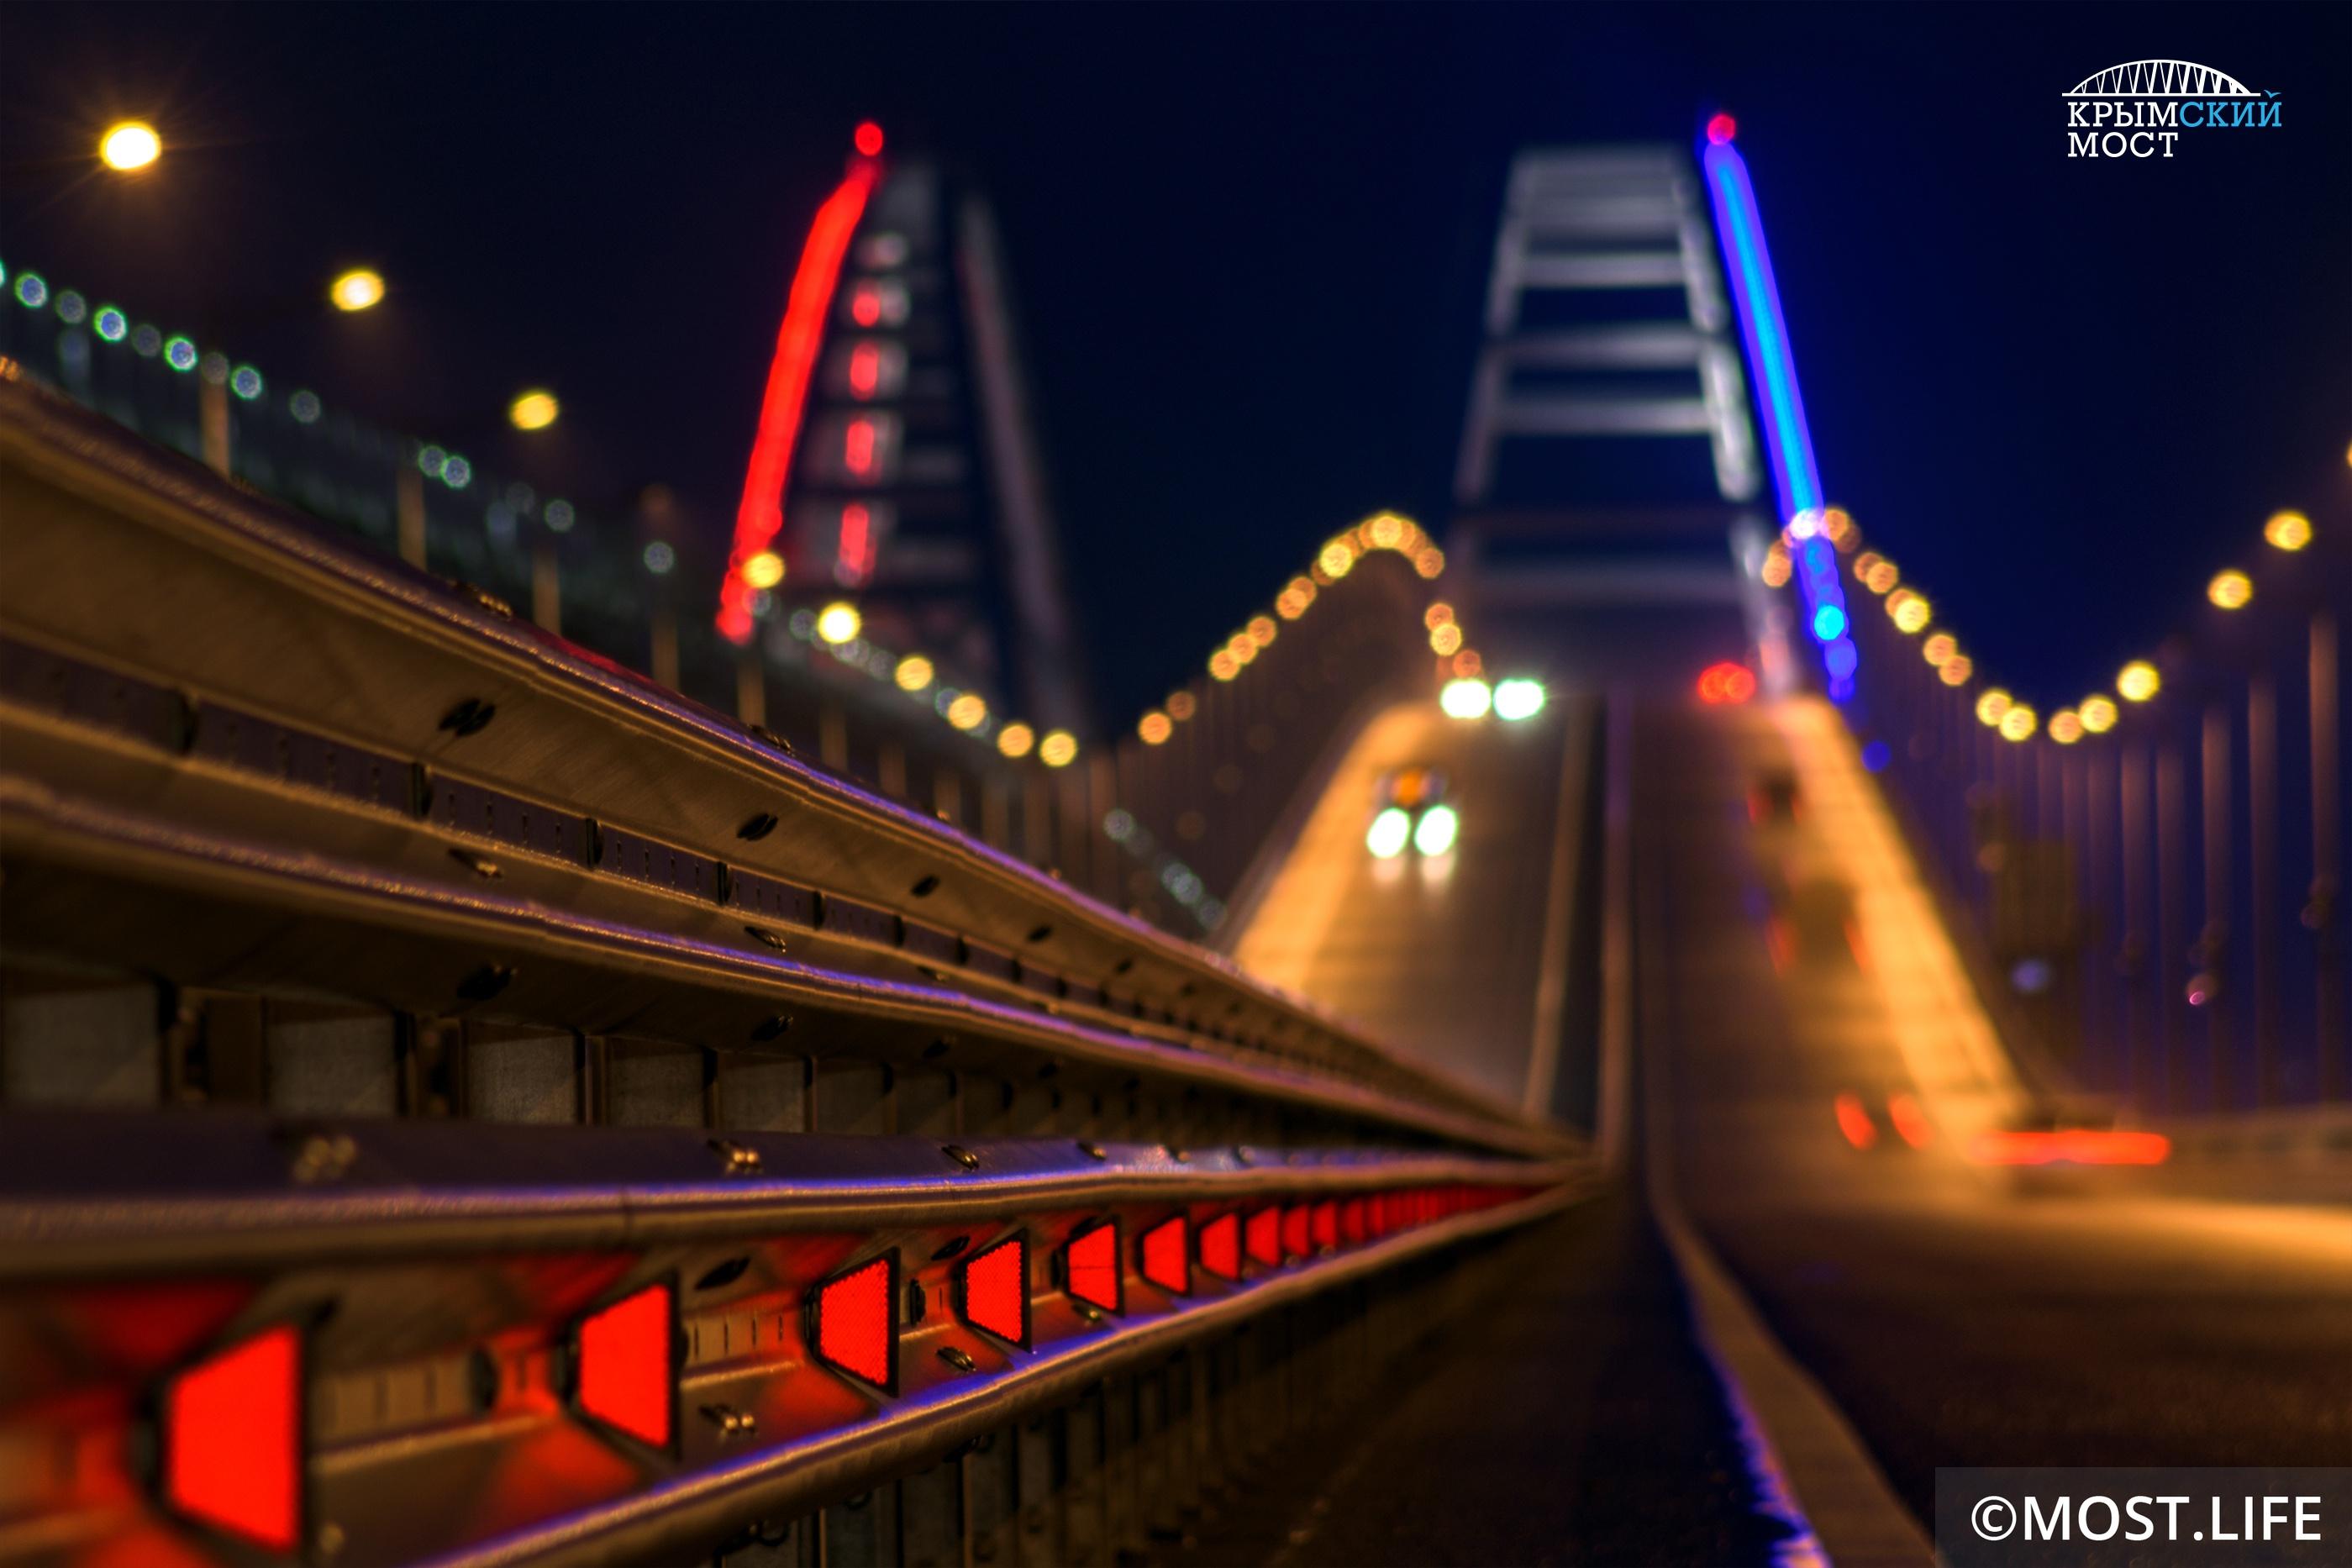 На Крымском мосту ограничили скорость движения до 60 км/час